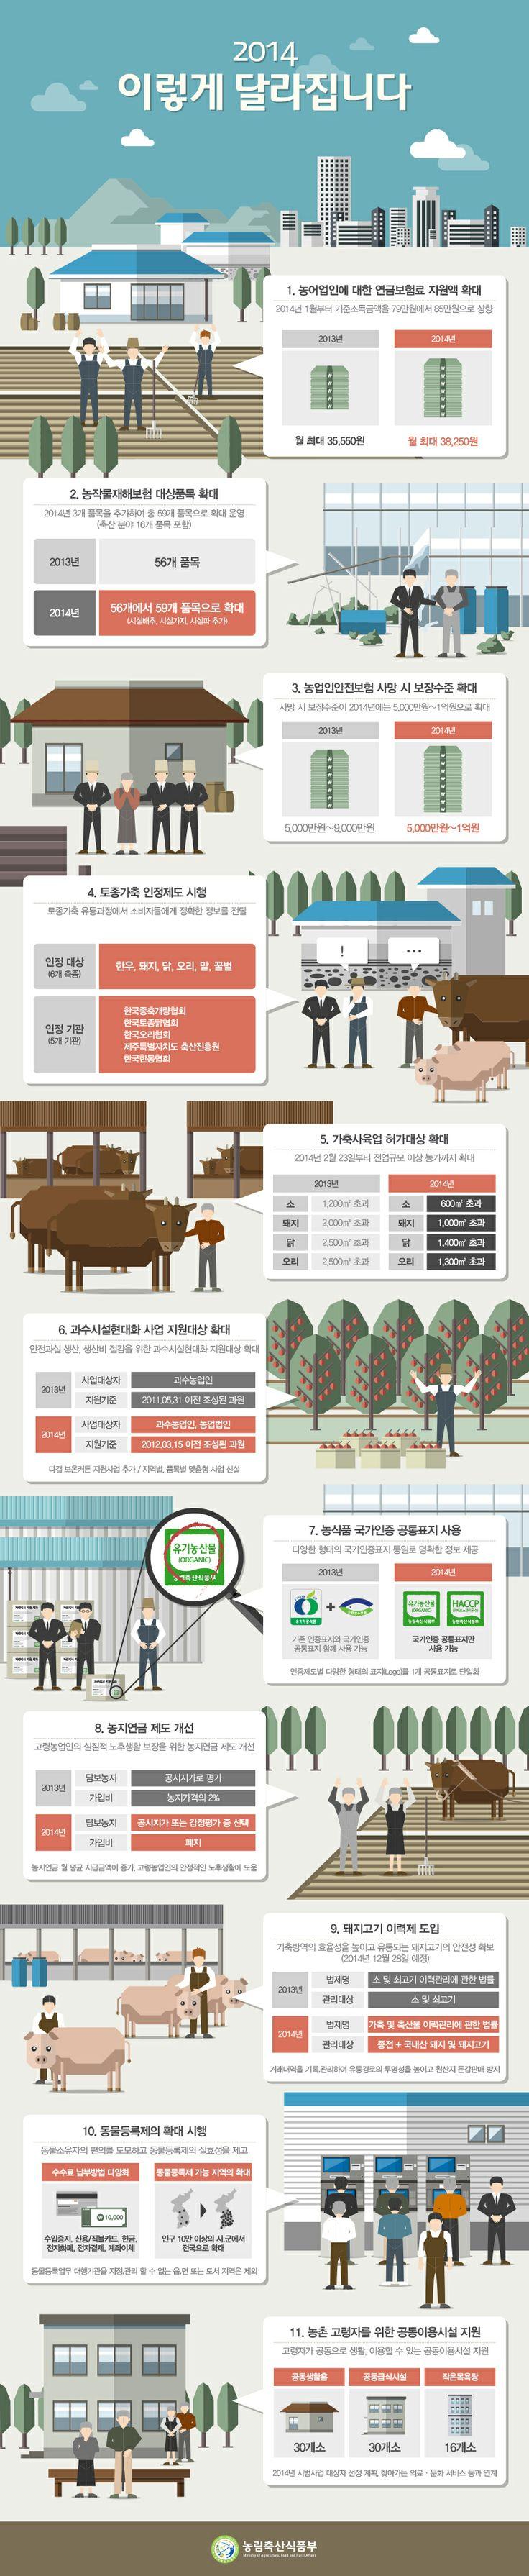 2014 농업 정책  농림축산식품부 Ministry of Agriculture, Food and Rural Affairs.(South korea)